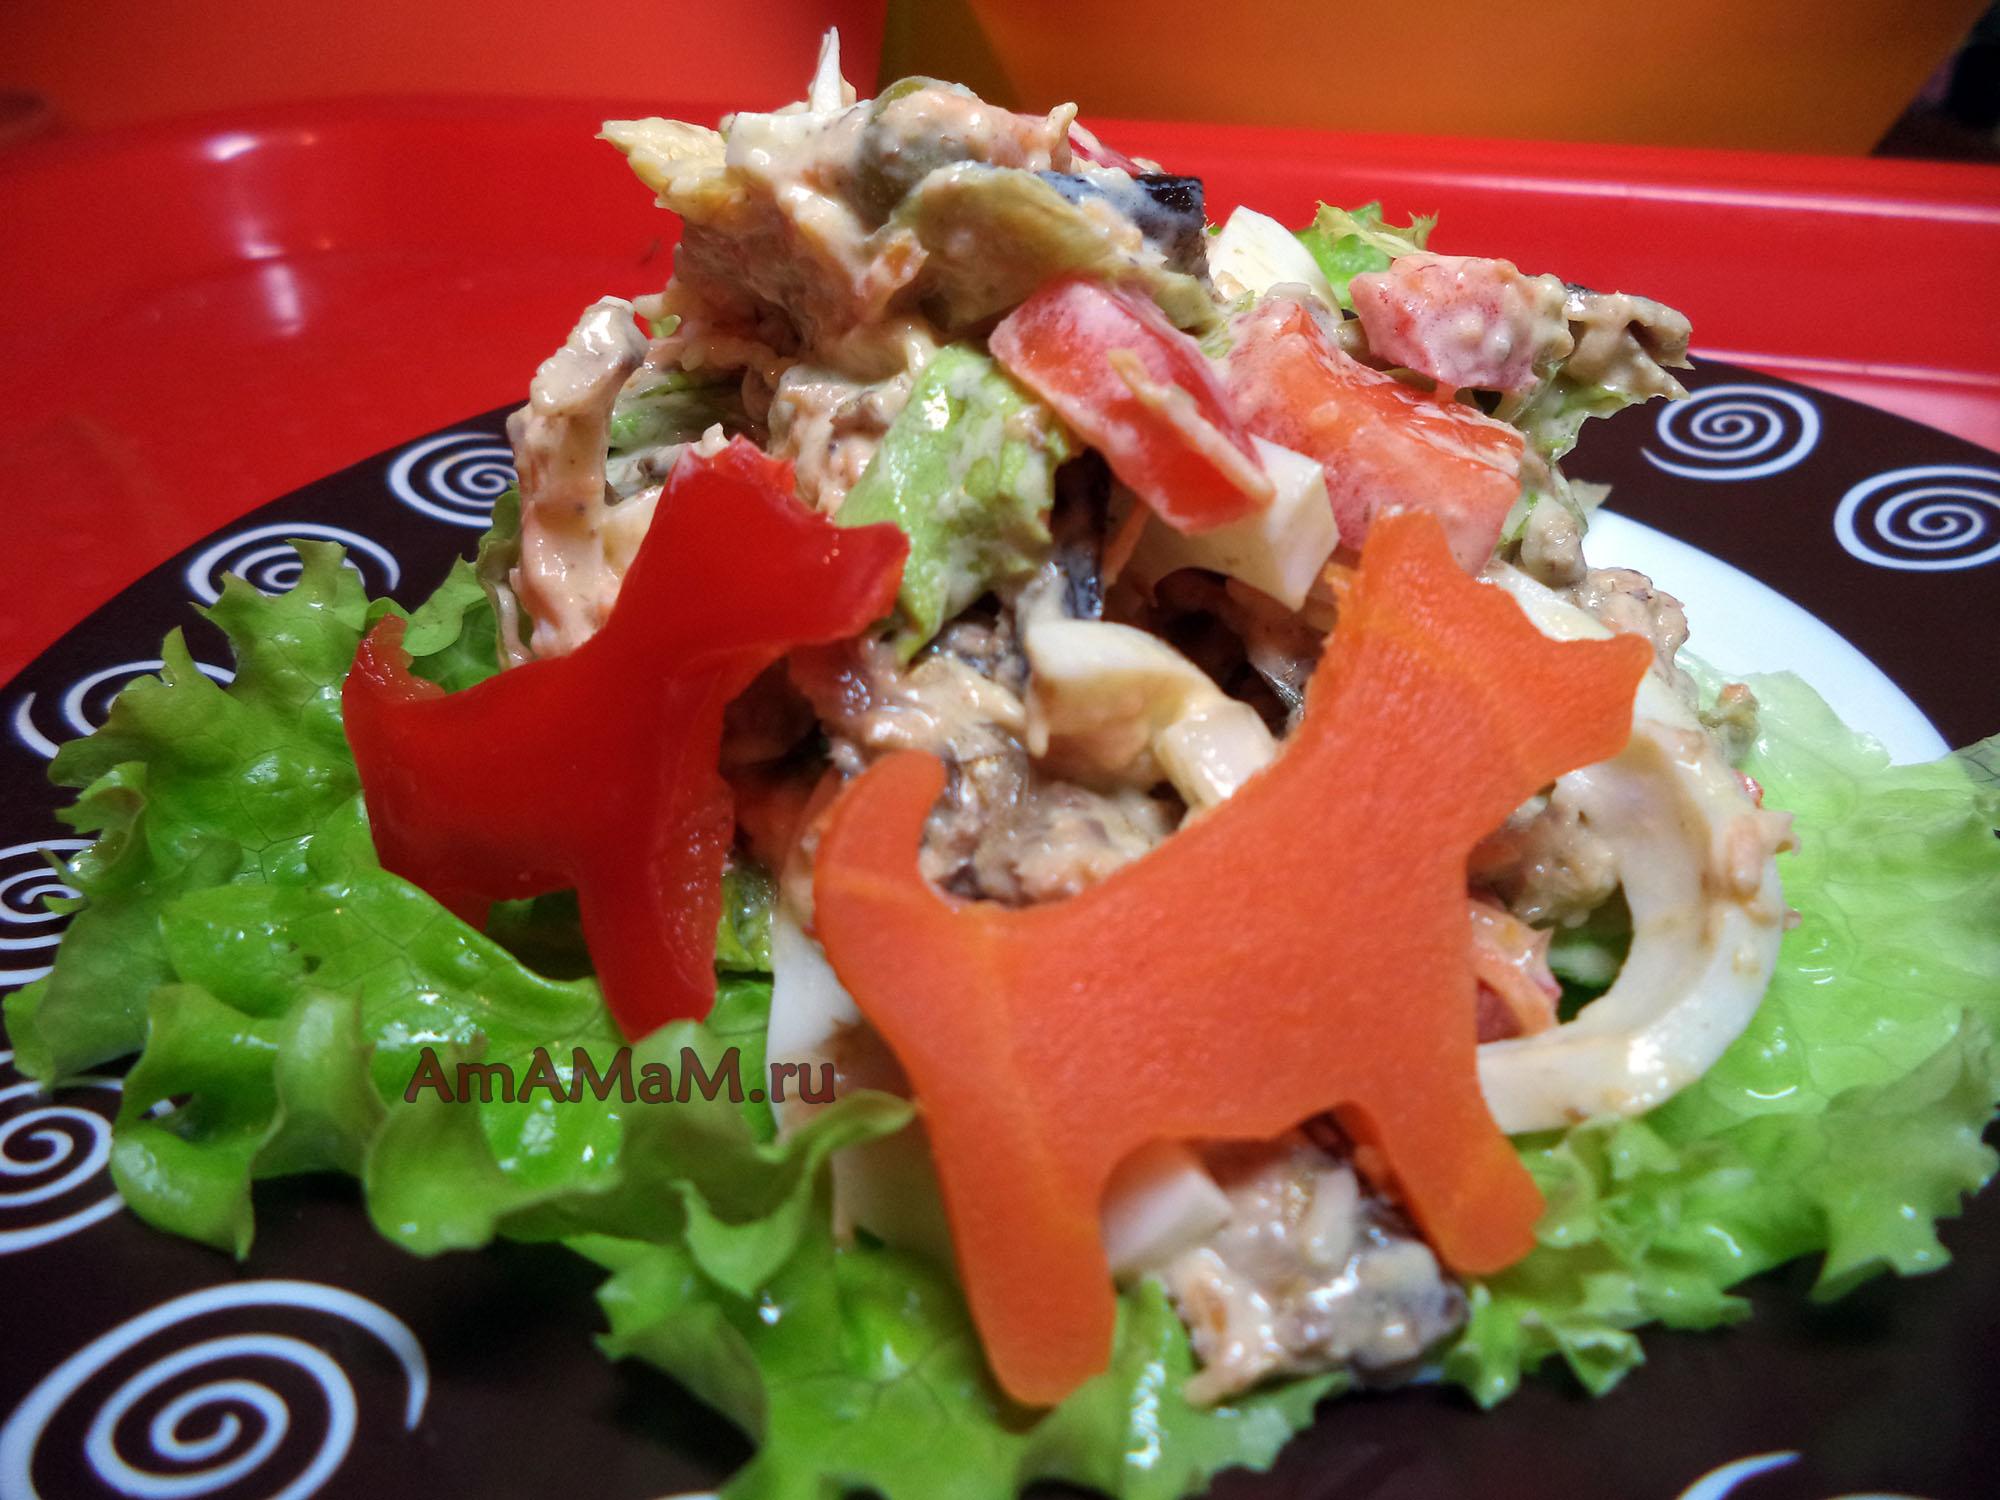 Салат со шпротами пошаговый рецепт с фото